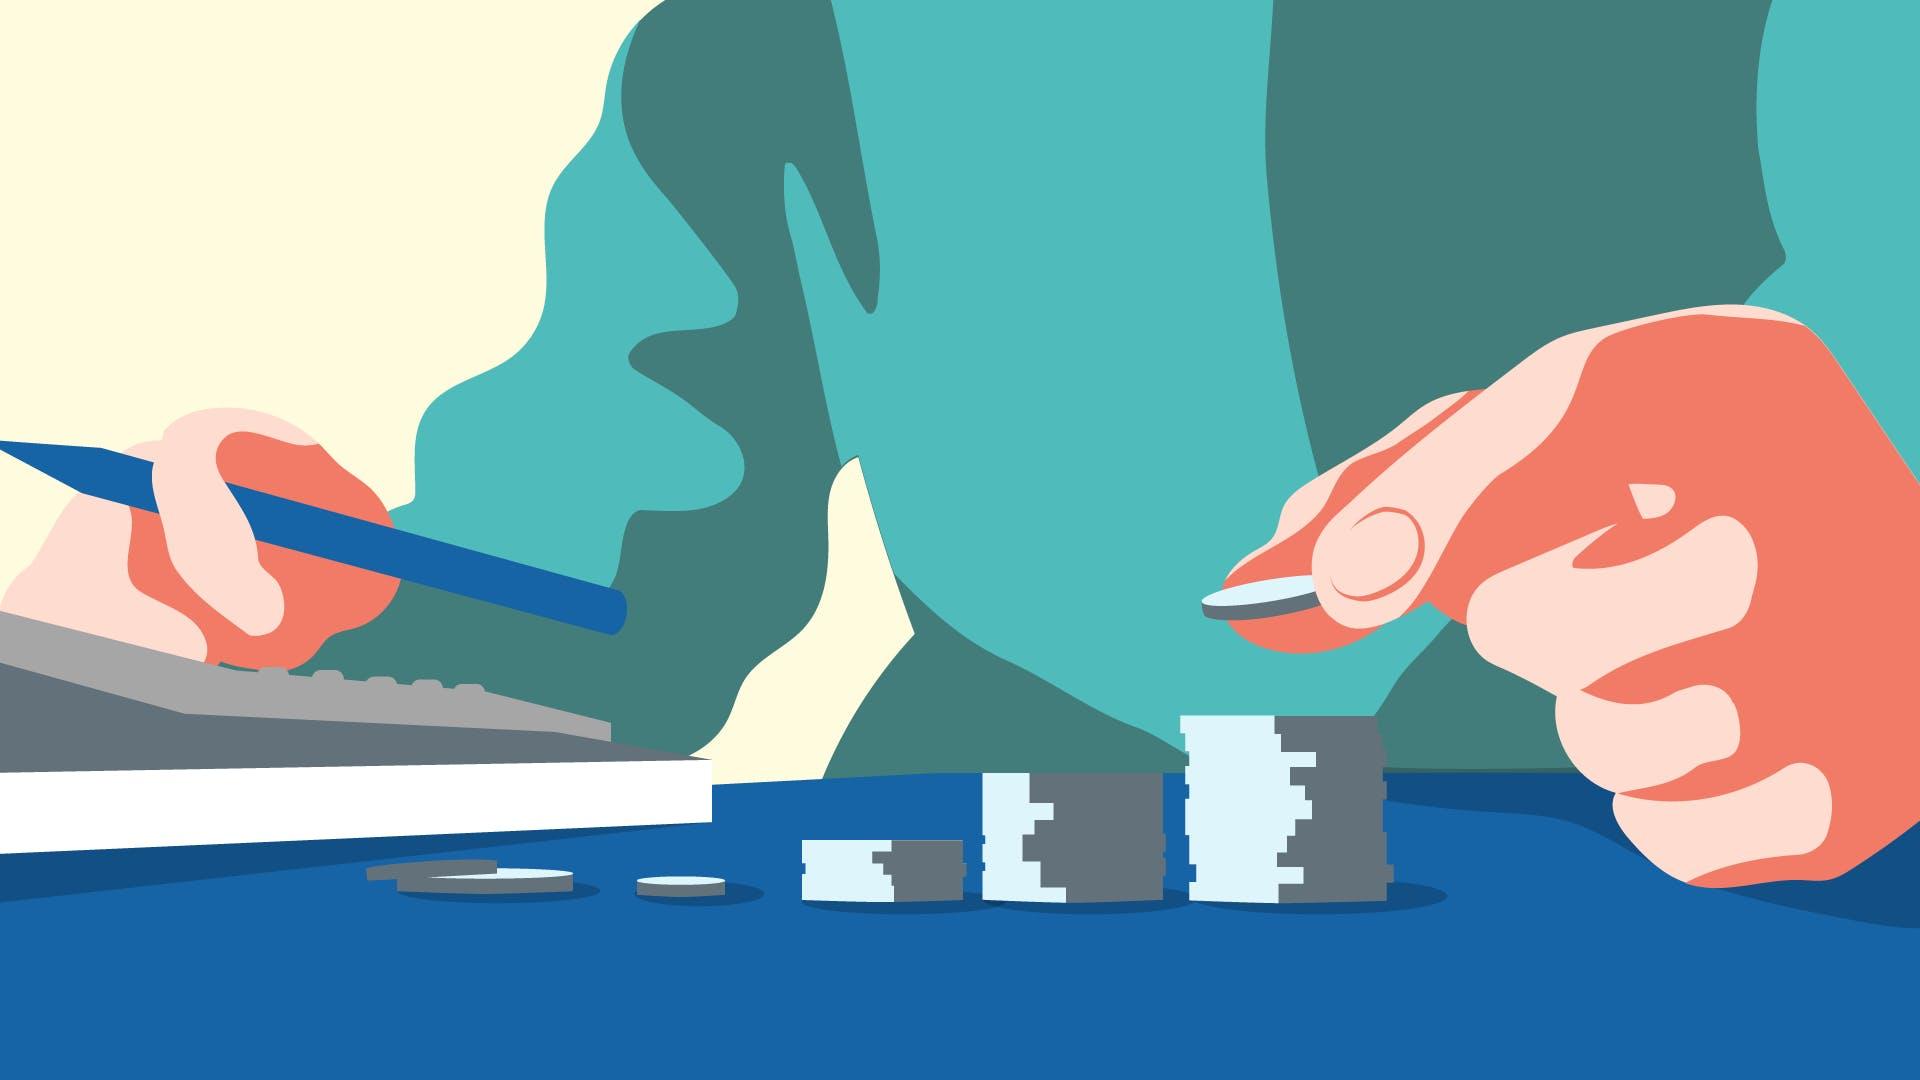 freelancer-insurance-broker